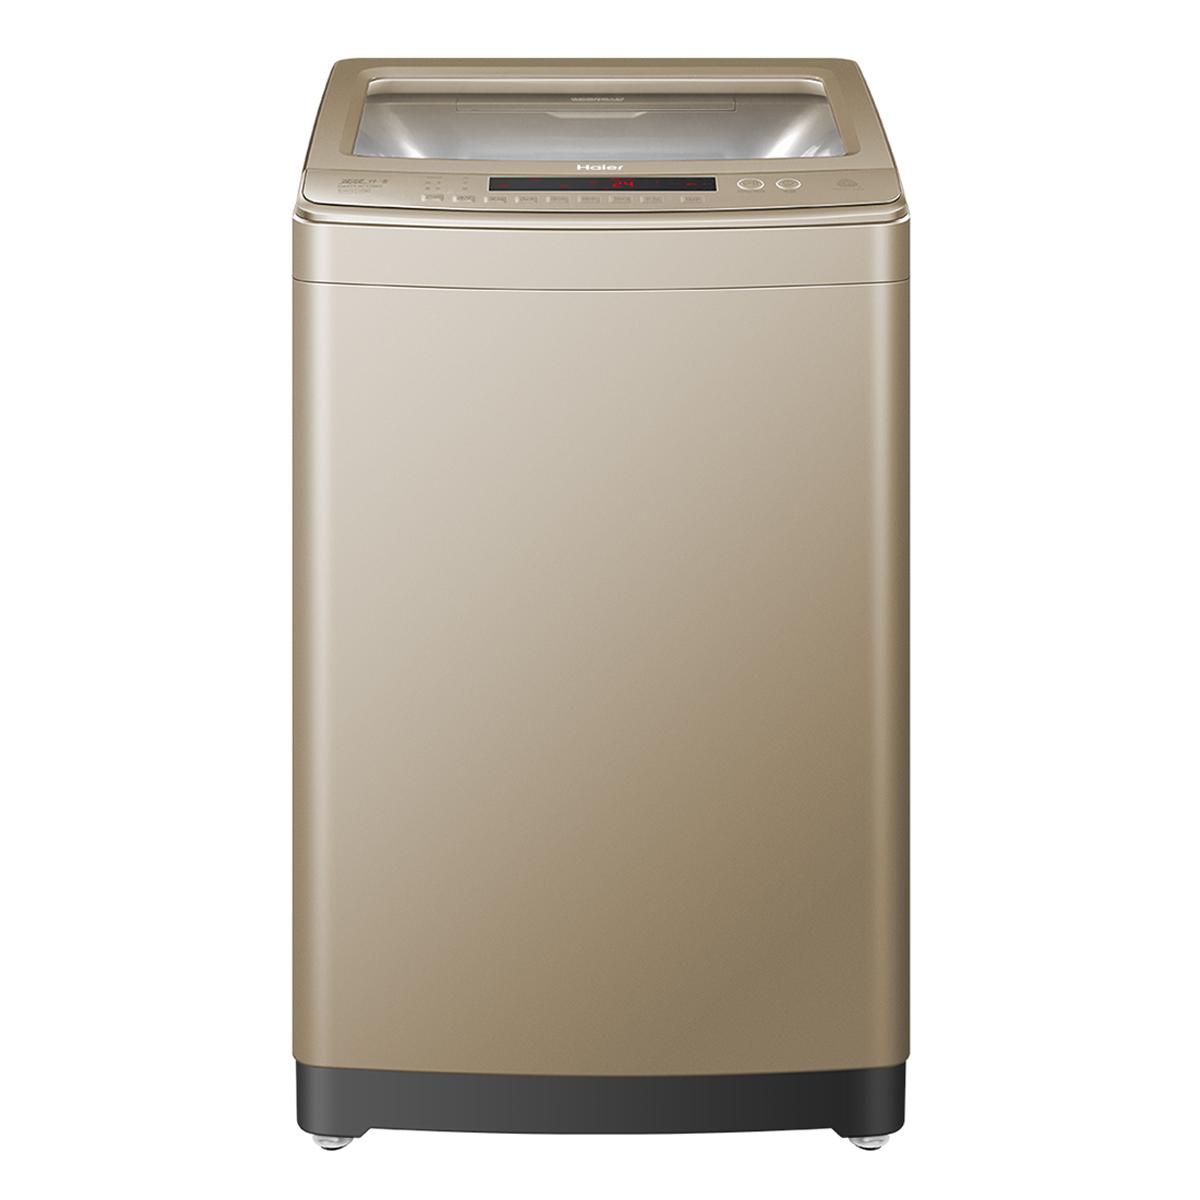 海尔Haier洗衣机 XQB75-BF15288 说明书